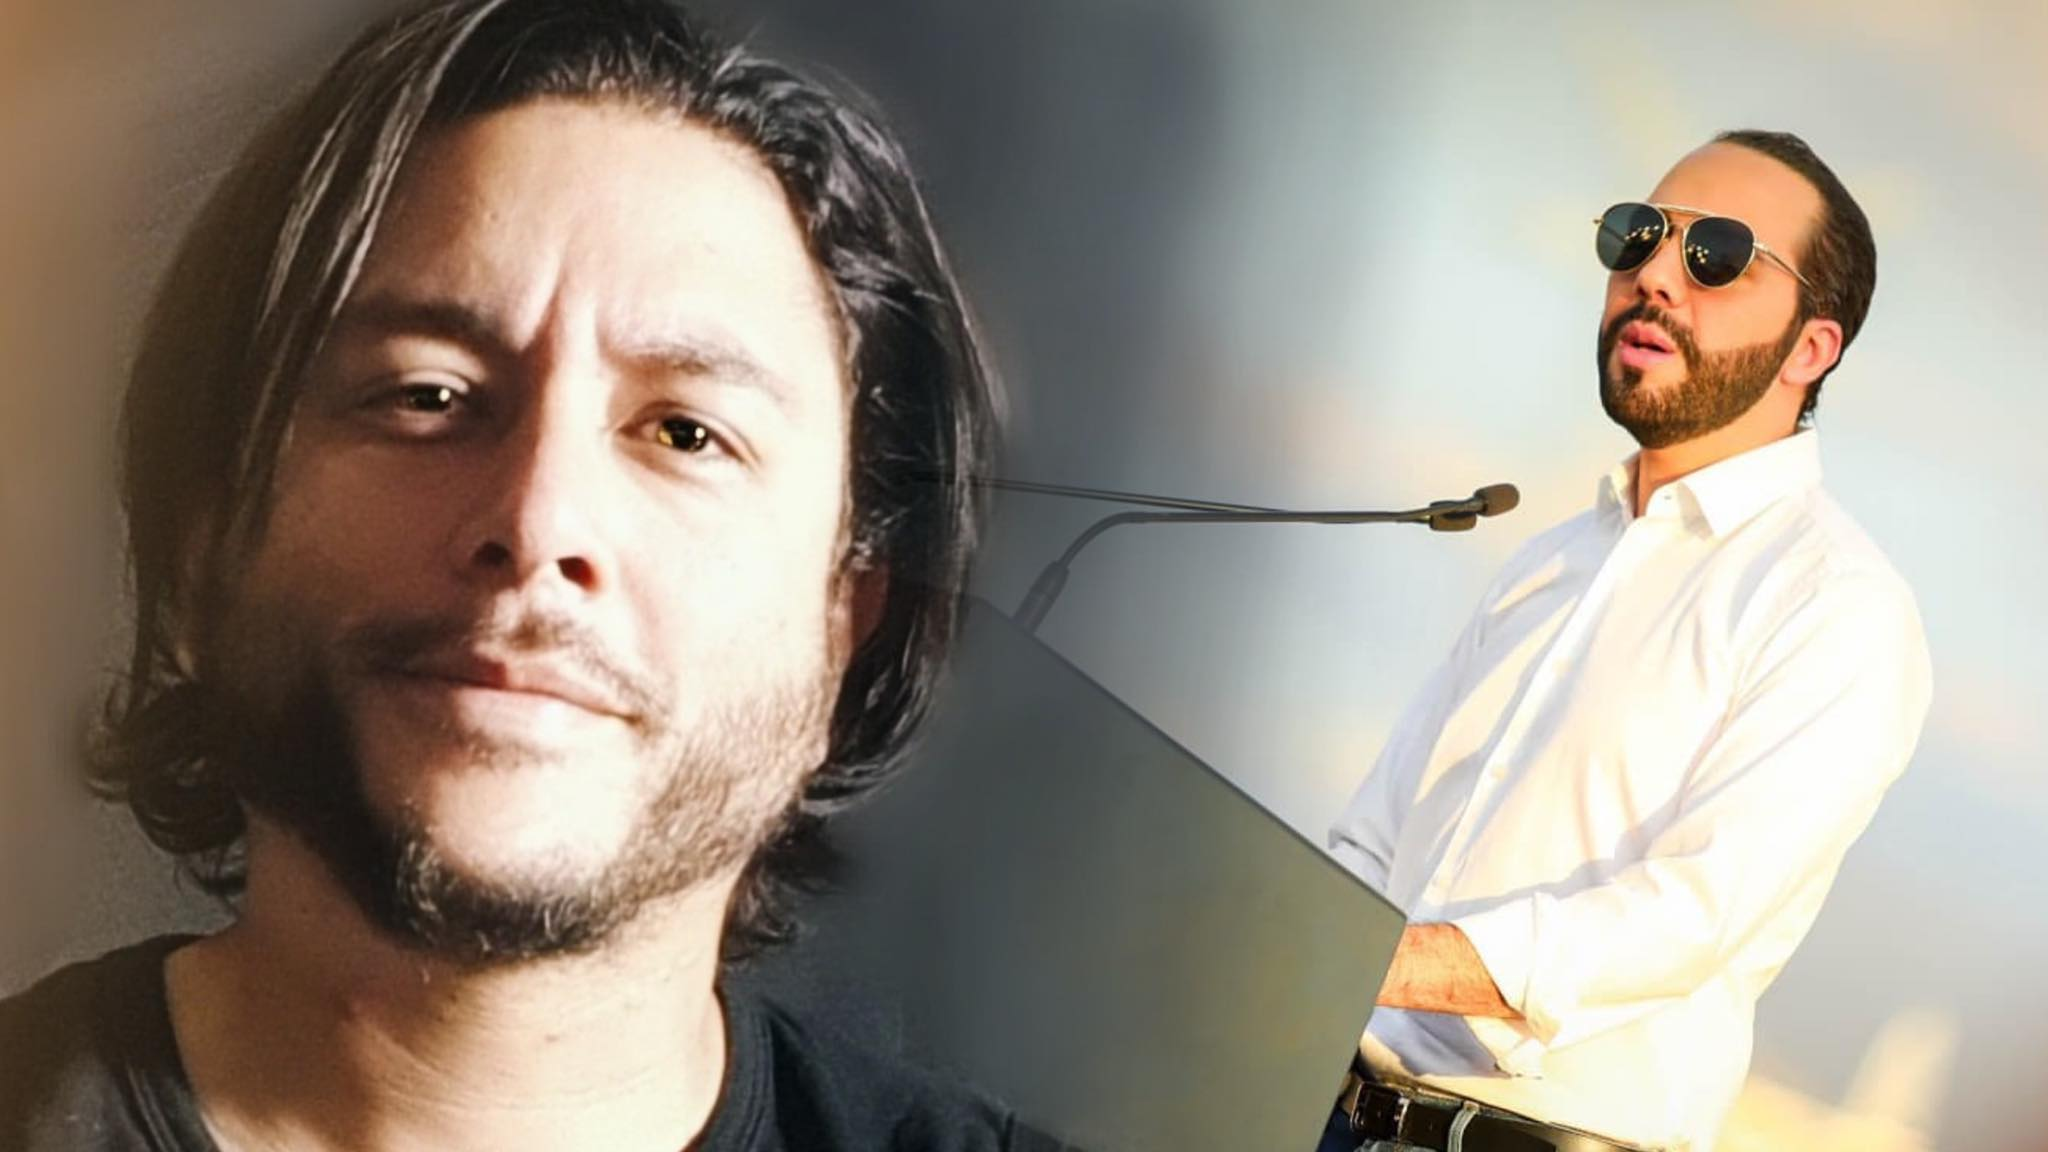 Cantante Hondureño ofrece 10 conciertos gratis si el Presidente Bukele les dona vacunas para los músicos